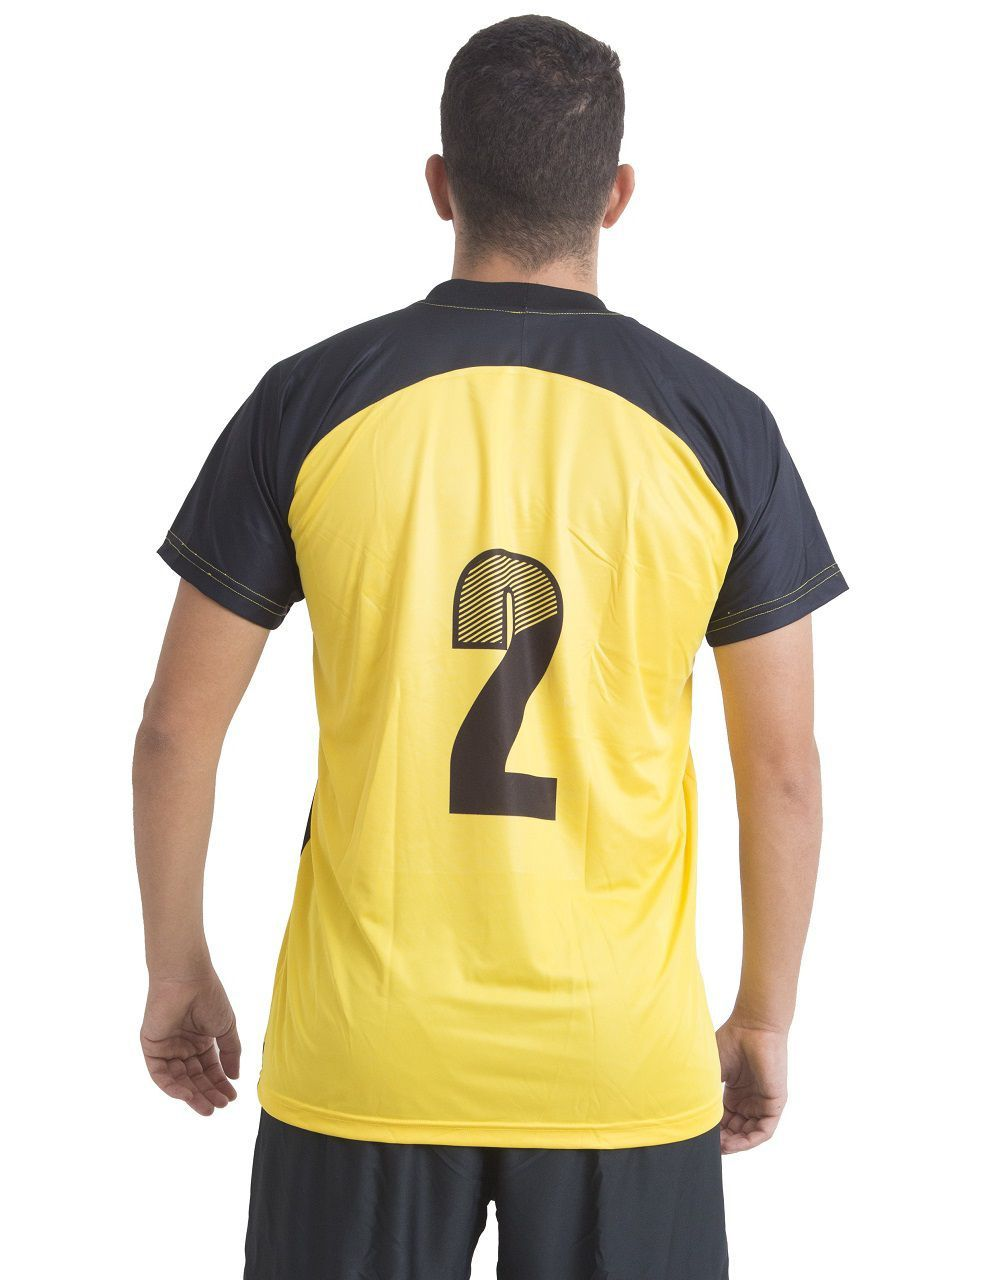 Jogo de Camisa Modelo PSV 14 Unidades Ref 5701